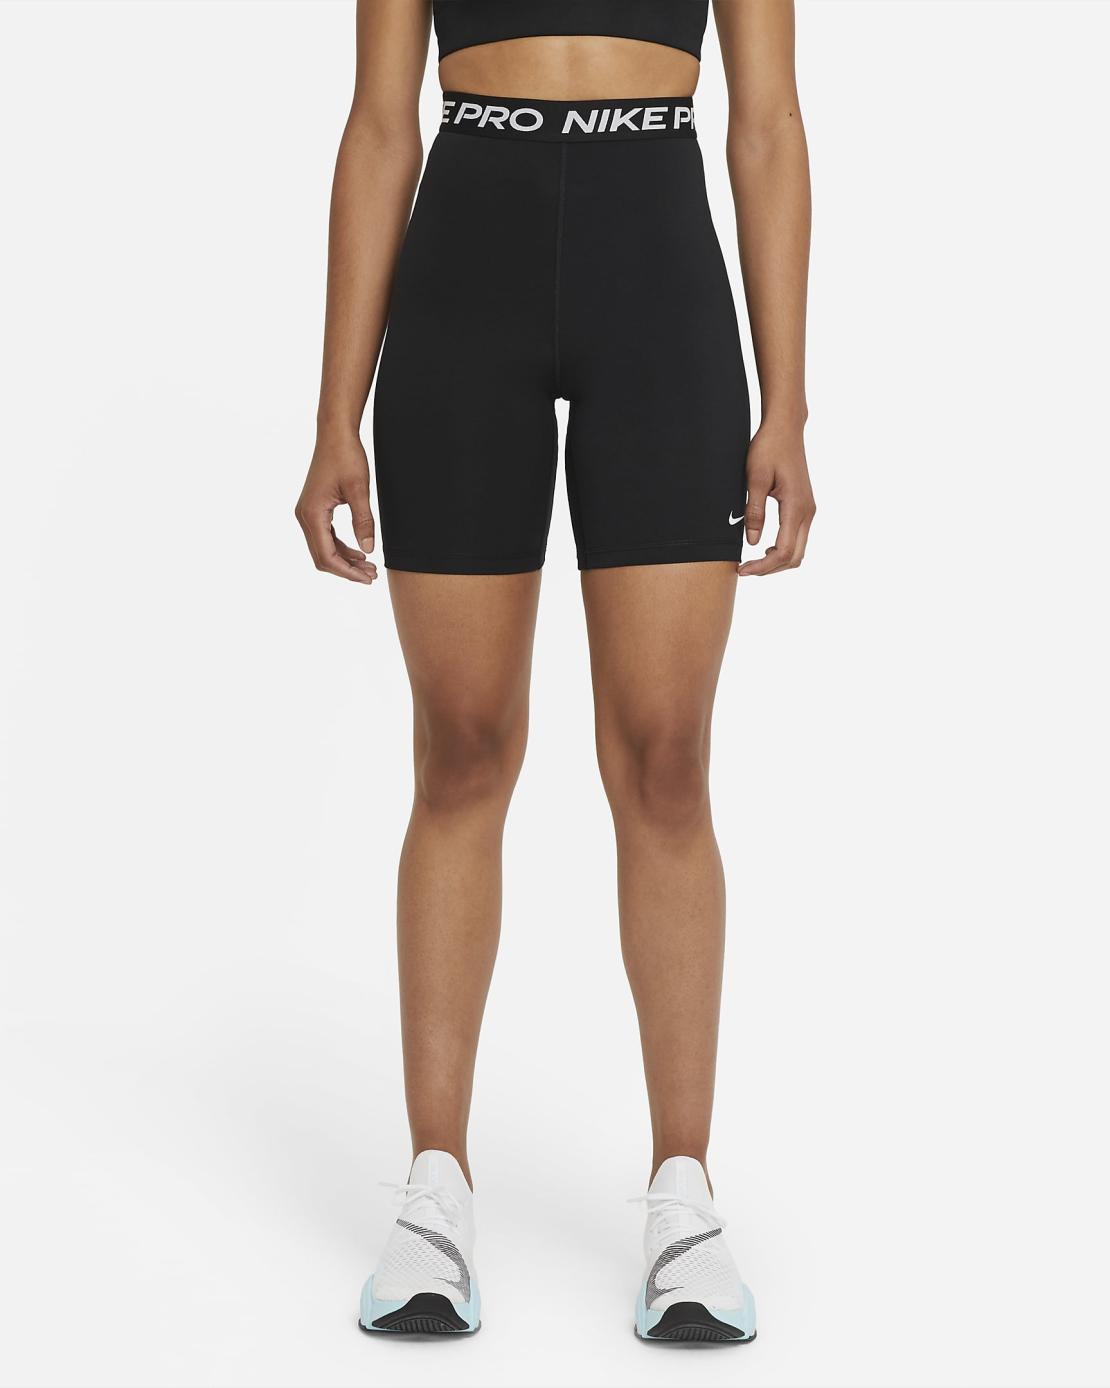 טייץ נייק לנשים   Nike Pro 365 Women's High-Rise 18cm (approx.) Shorts